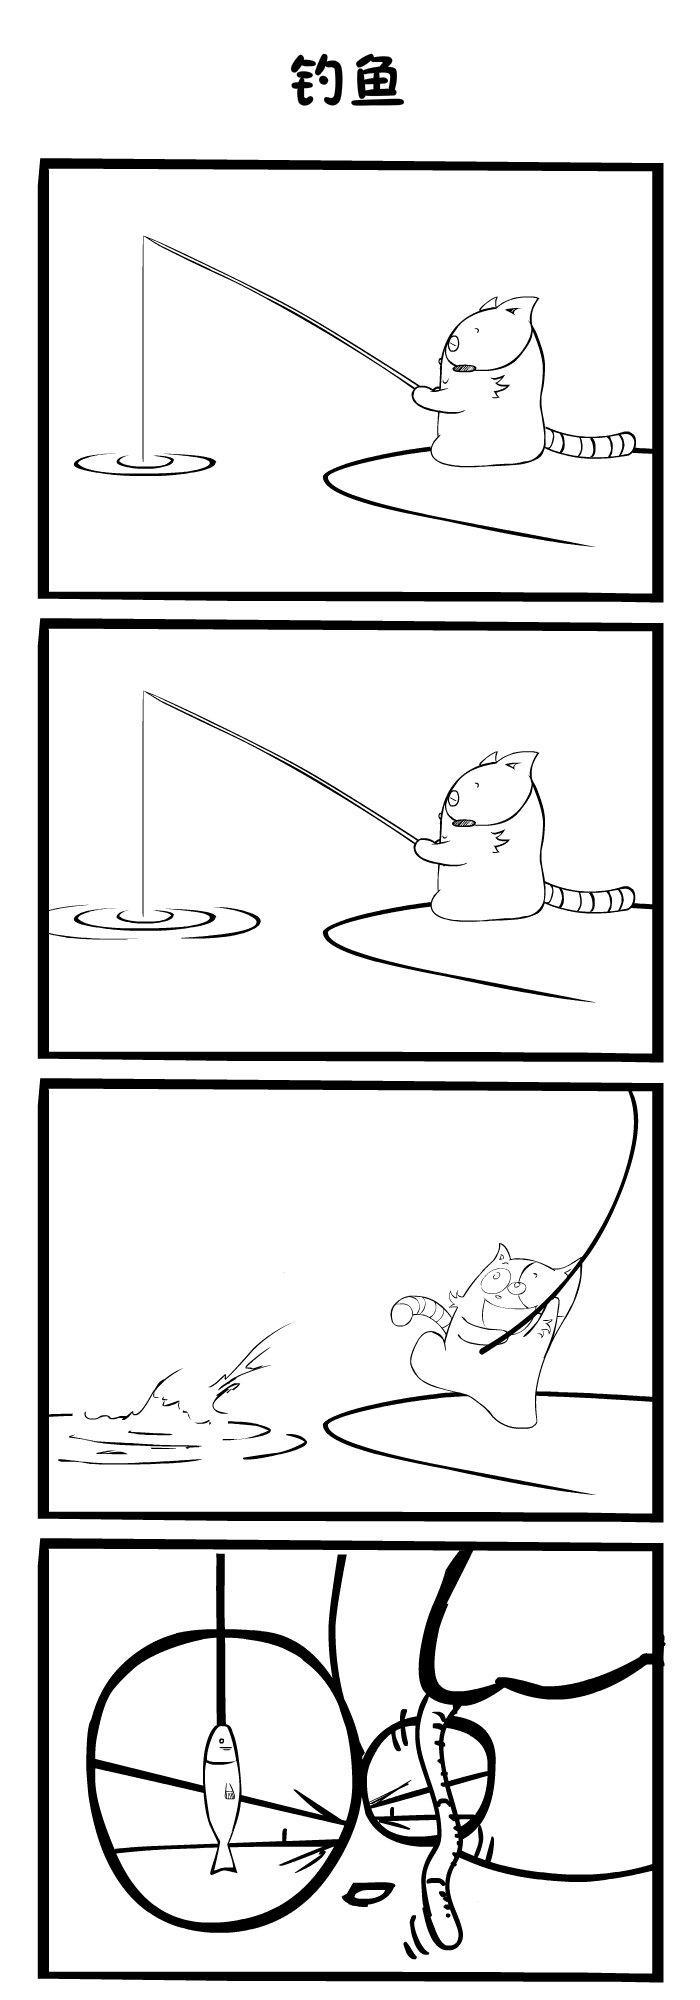 【漫画更新】【明卡猫】,cos 图片-小柚妹站